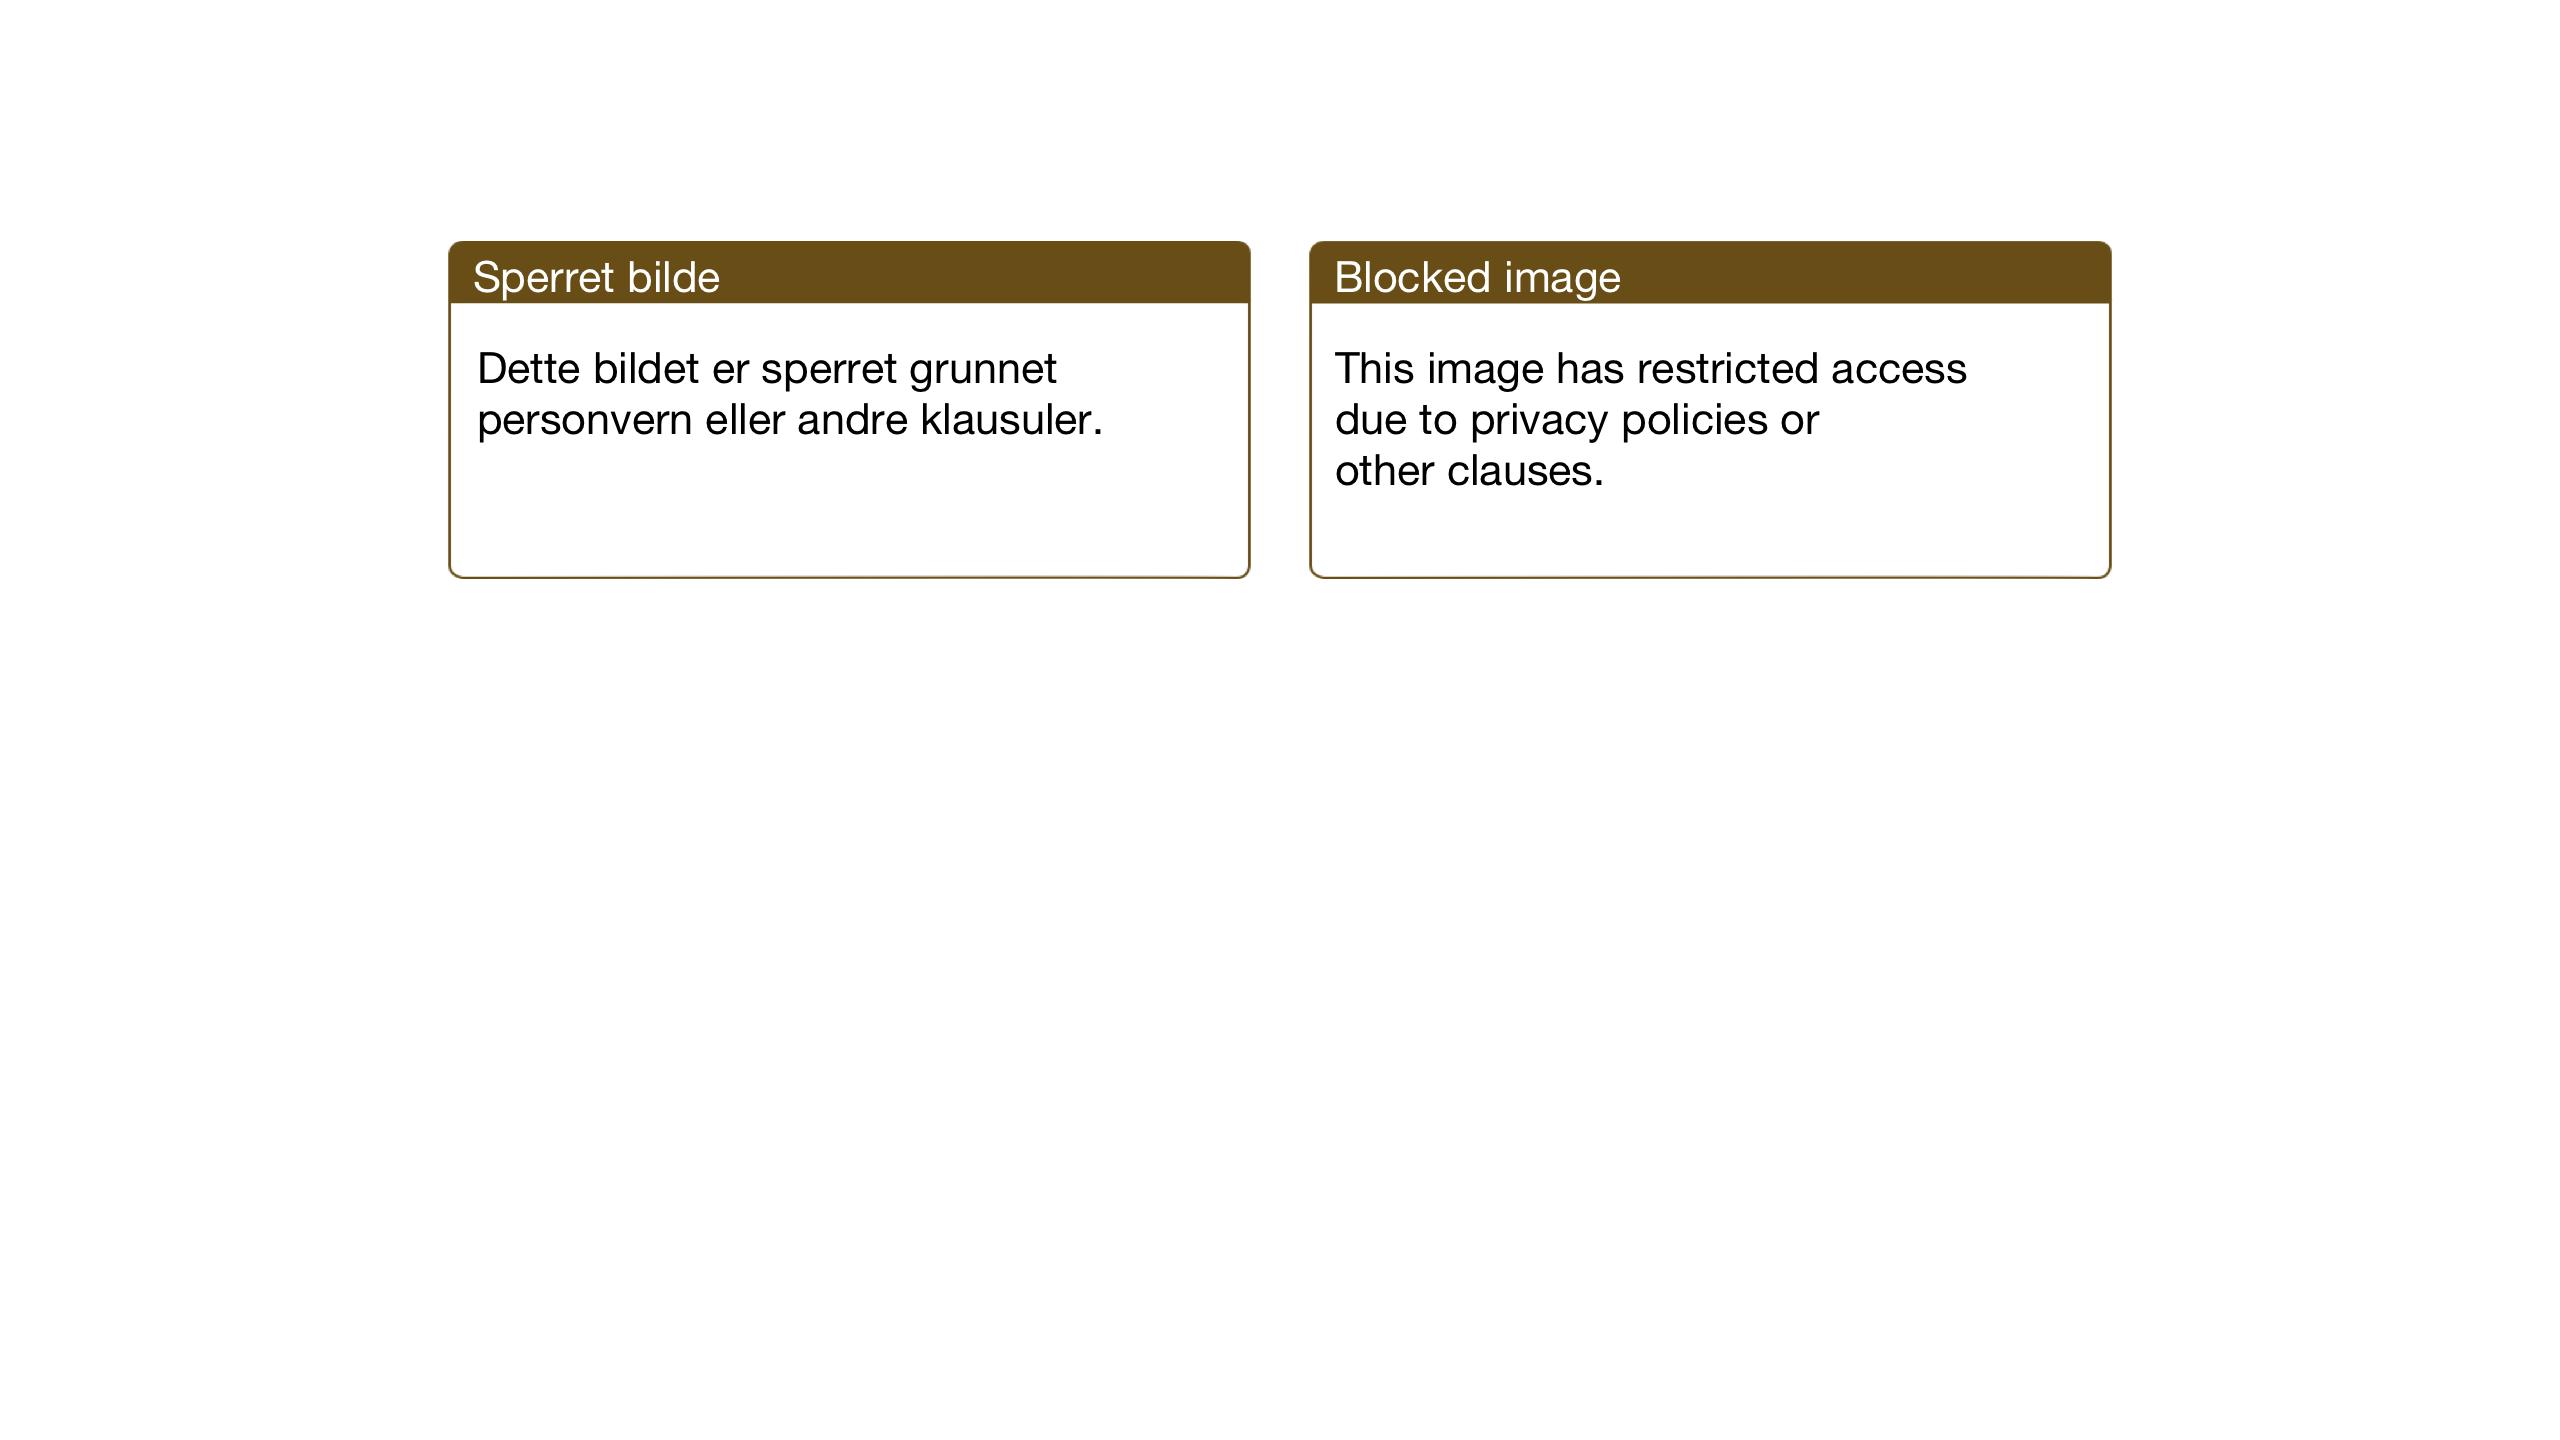 SAT, Ministerialprotokoller, klokkerbøker og fødselsregistre - Sør-Trøndelag, 638/L0569: Klokkerbok nr. 638C01, 1923-1961, s. 83